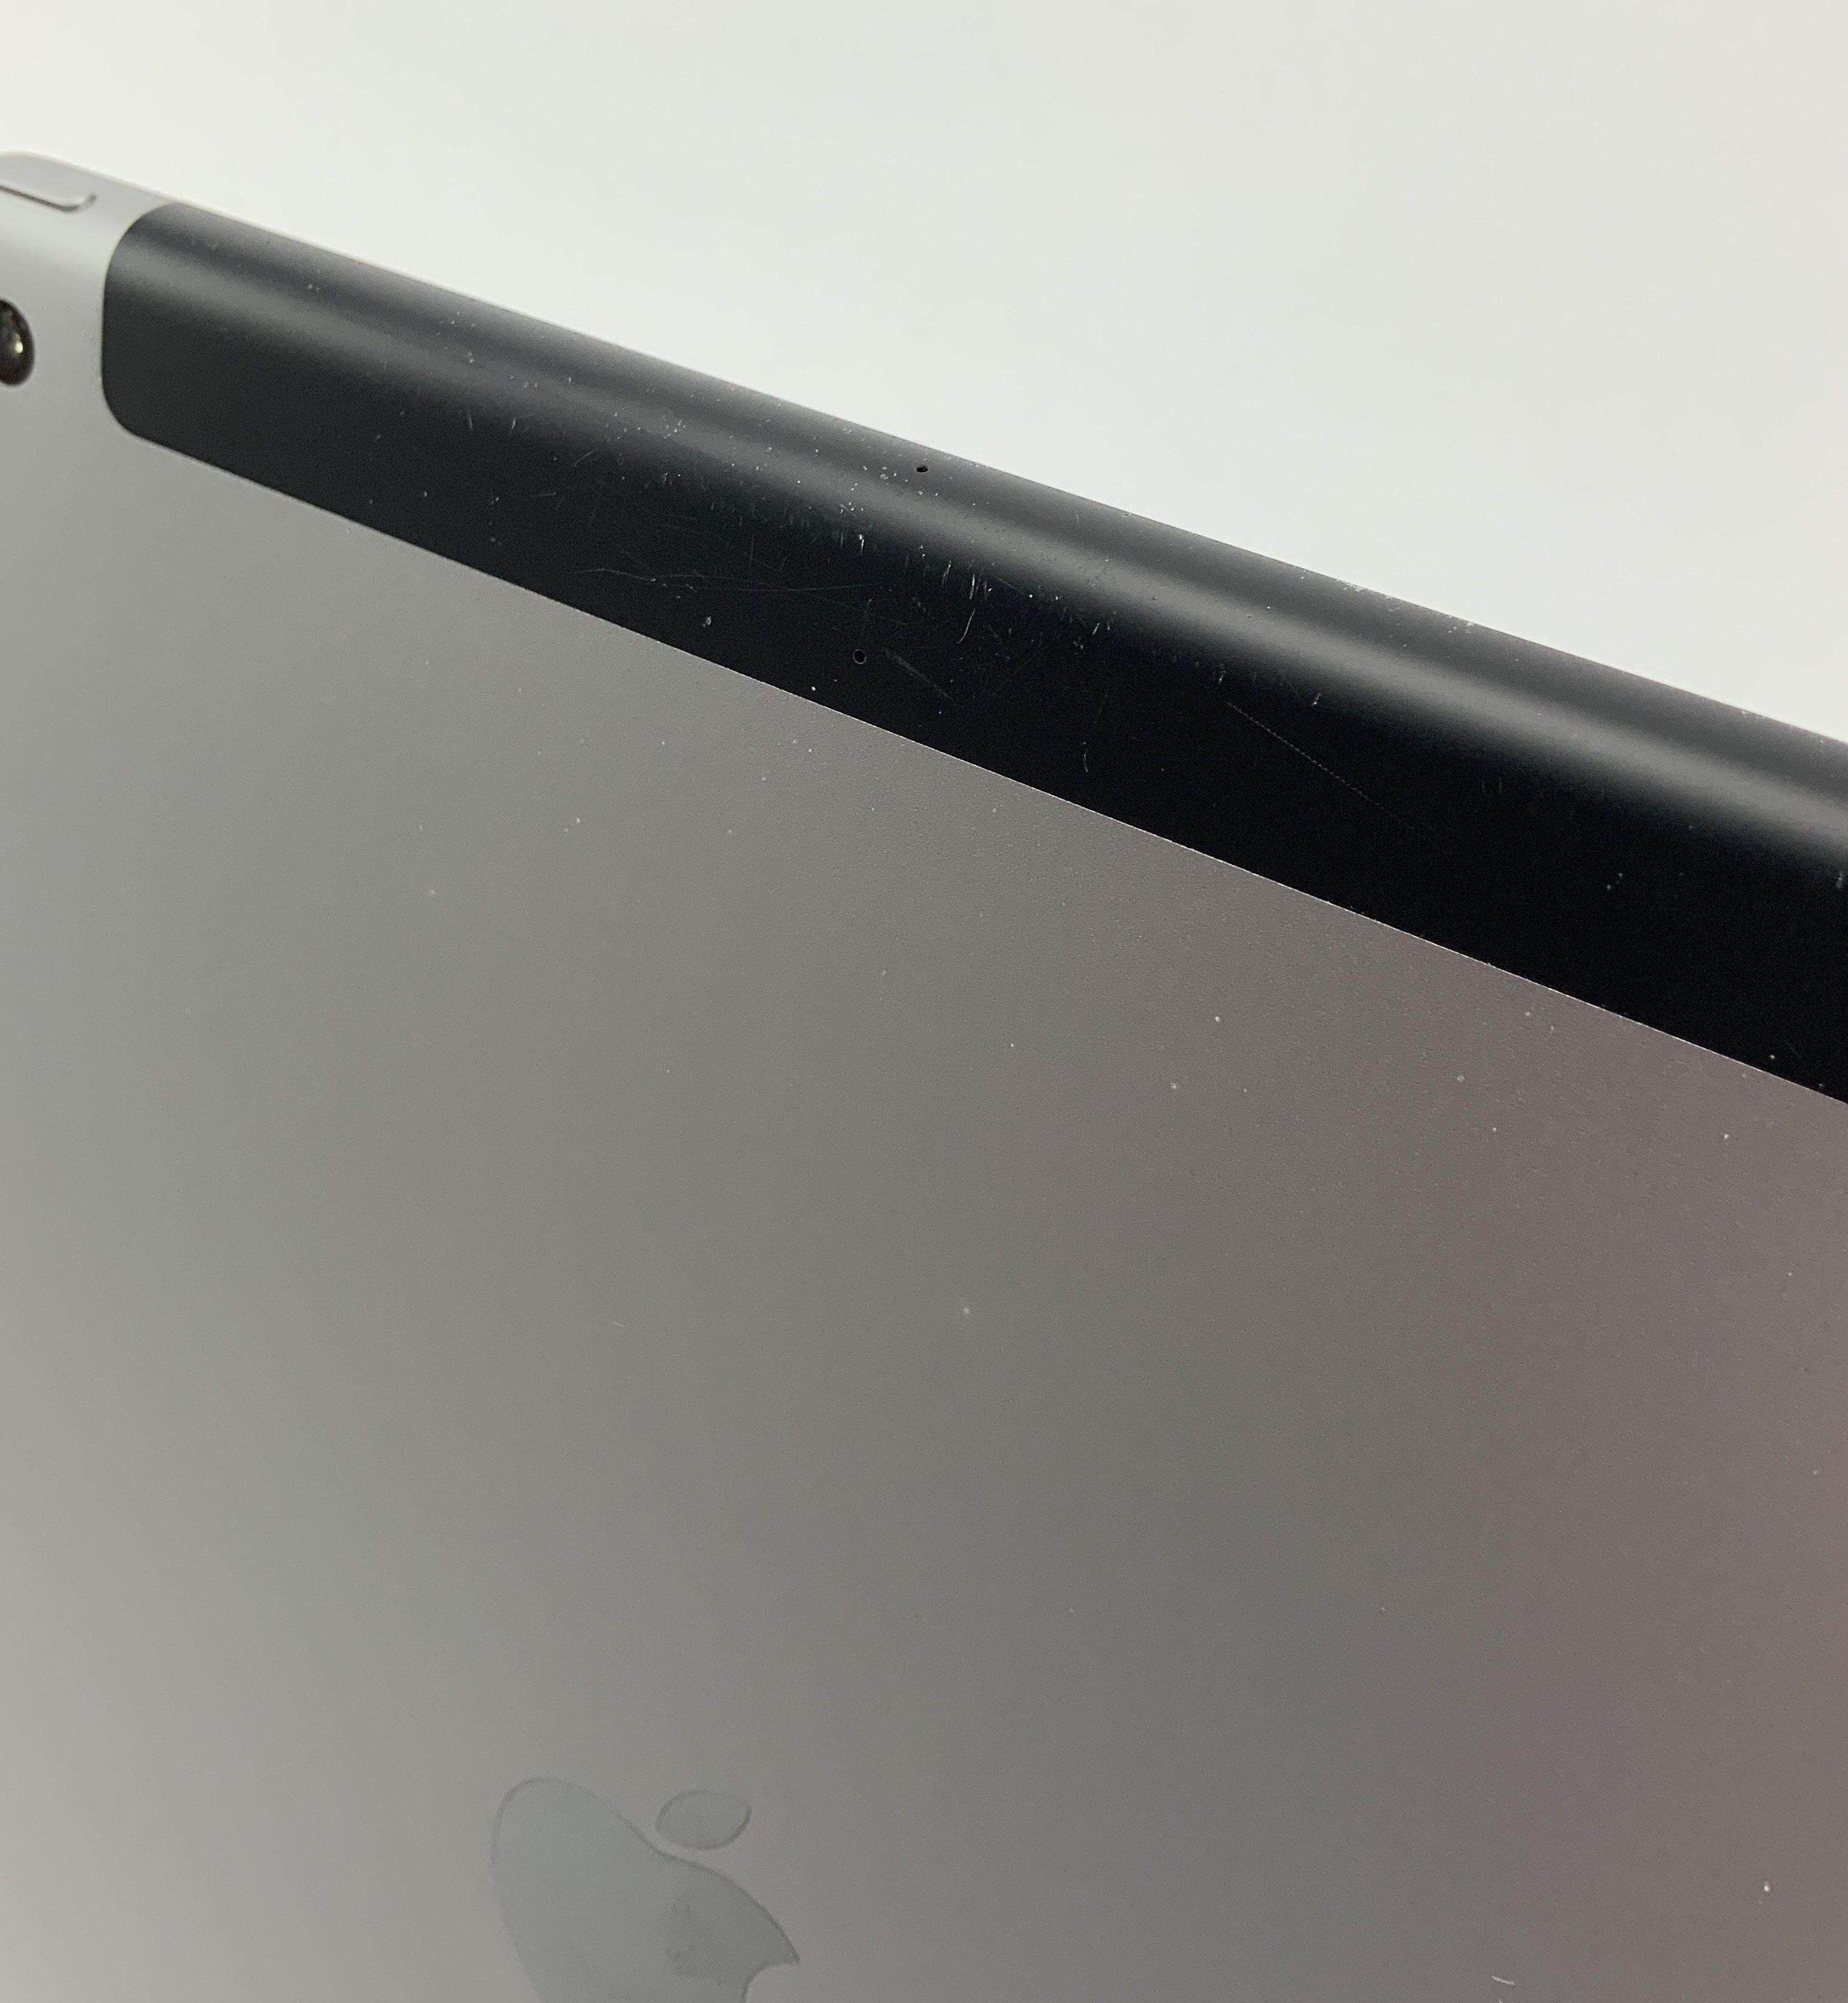 iPad 6 Wi-Fi + Cellular 32GB, 32GB, Space Gray, image 4